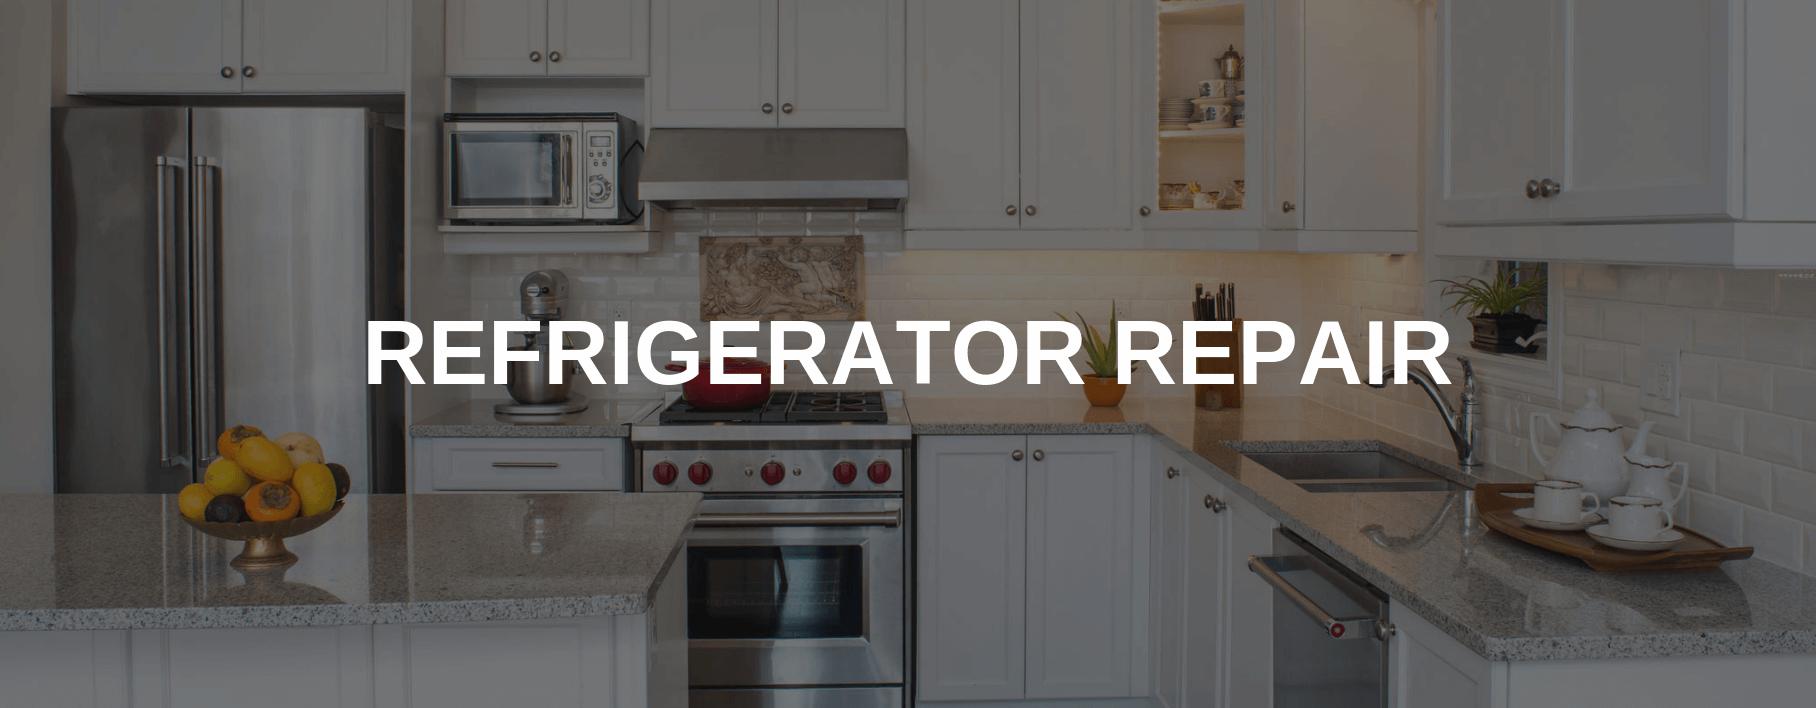 pride refrigerator repair